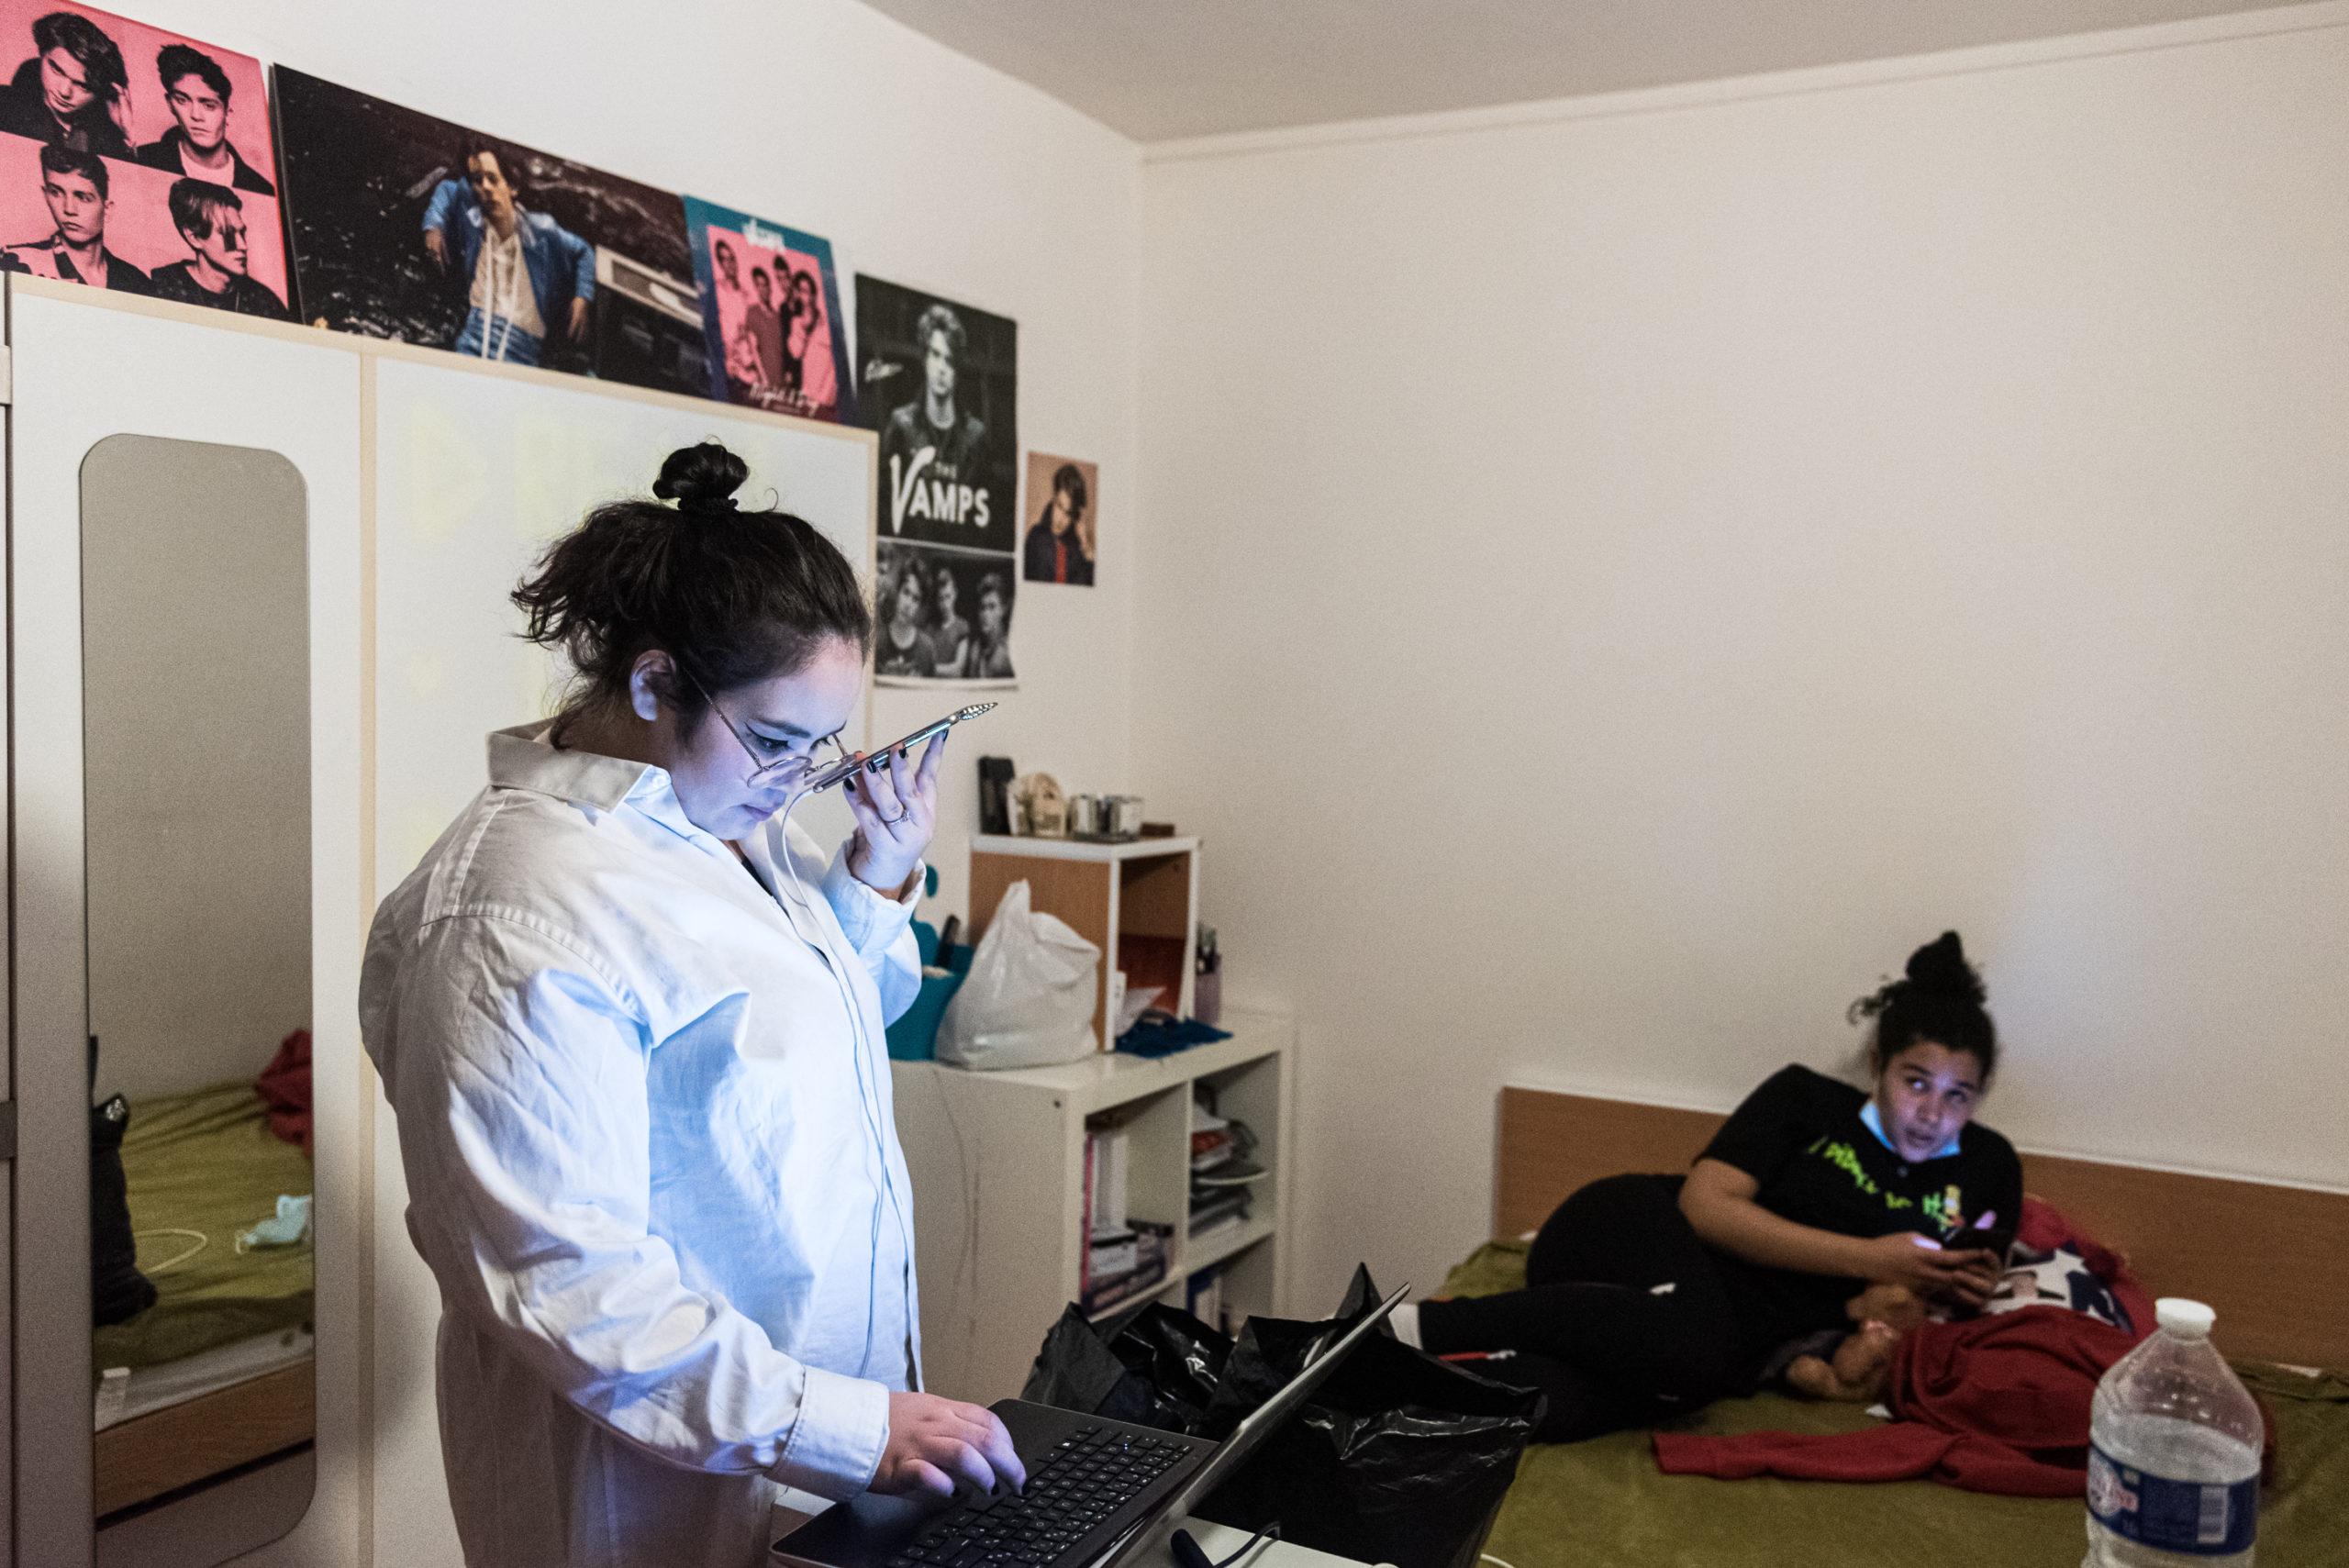 Une fois la distribution terminée, les filles montent dans l'appartement de Chaïma pour regarder une émission de télé-réalité.